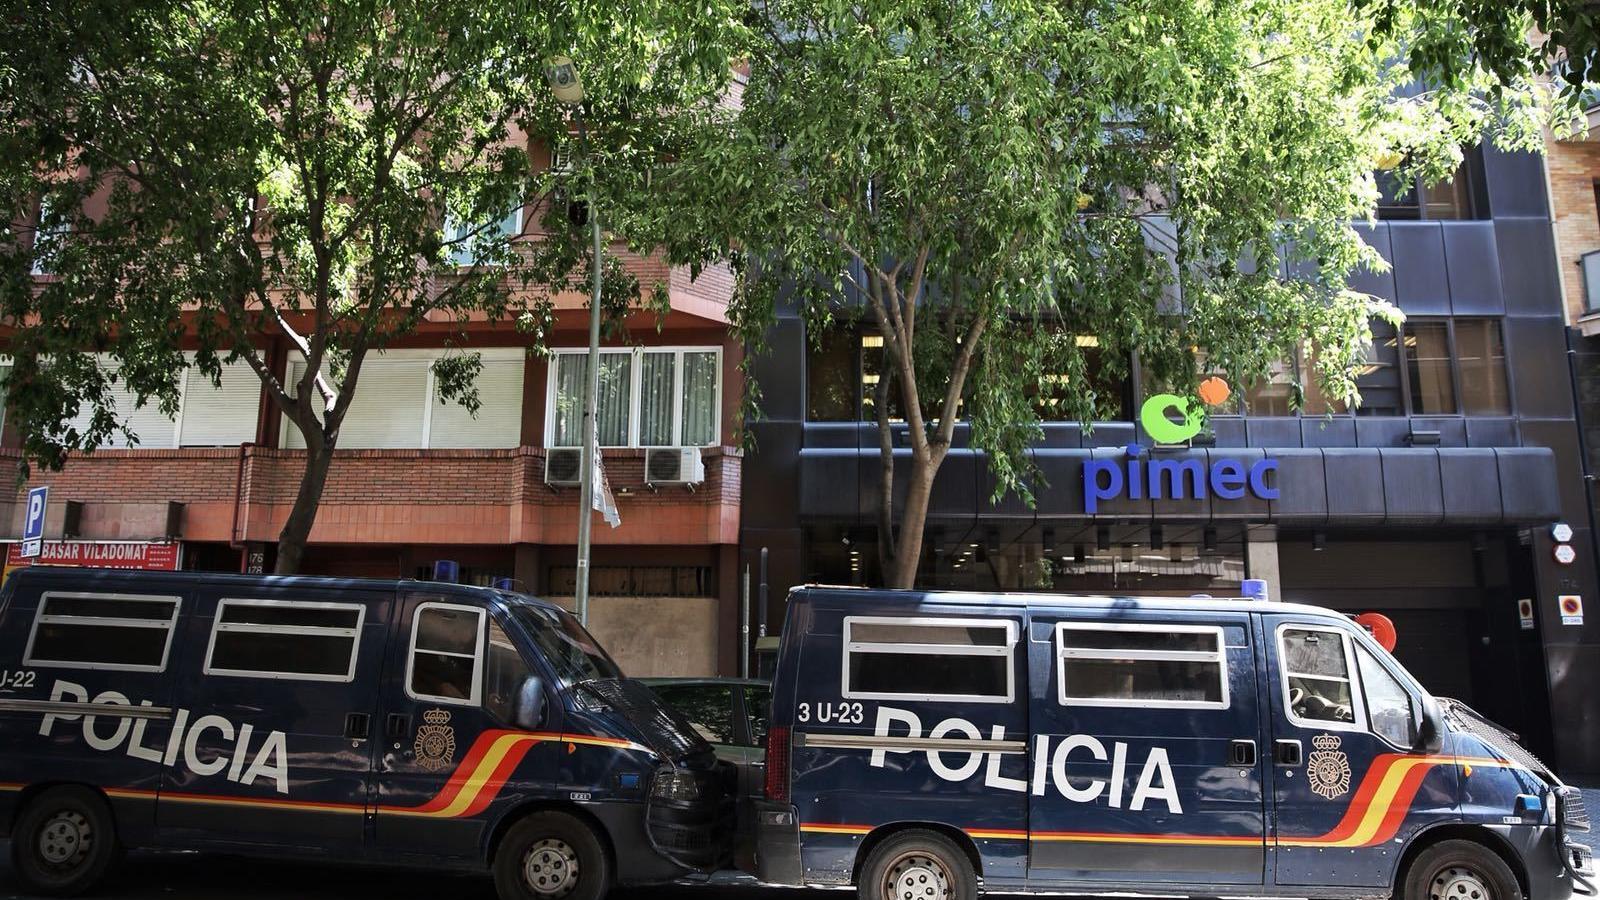 Dos furgons de la Policia Nacional davant de la seu de PIMEC aquest dijous